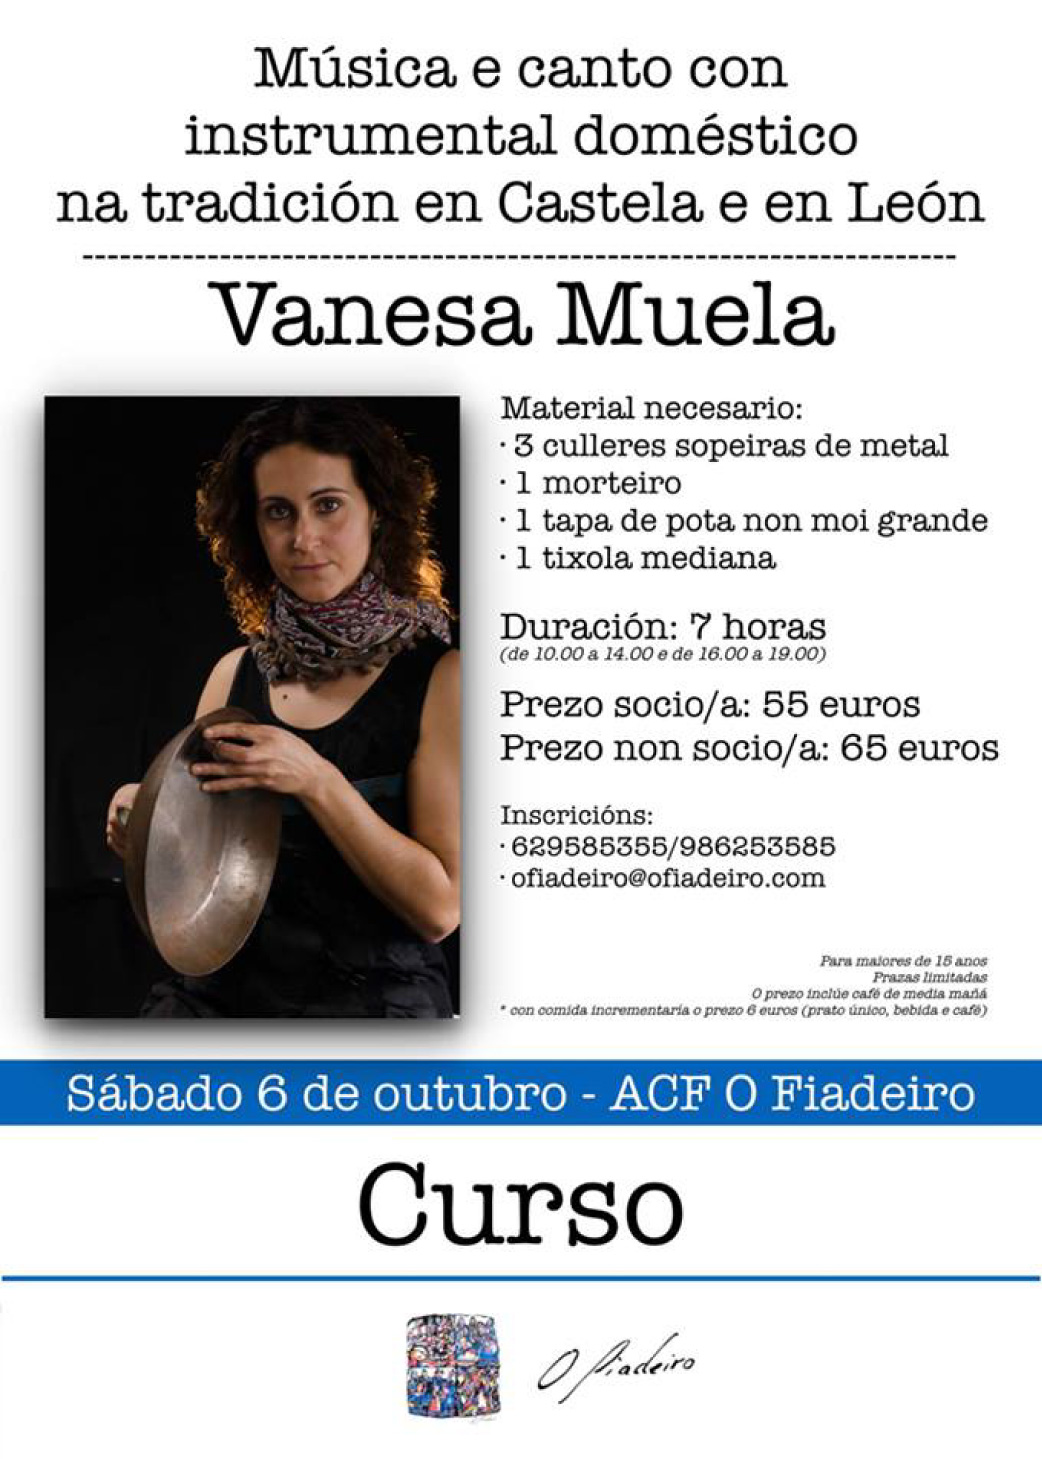 """Curso De """"Música E Canto Con Instrumental Doméstico Na Tradición En Castela E En León"""""""